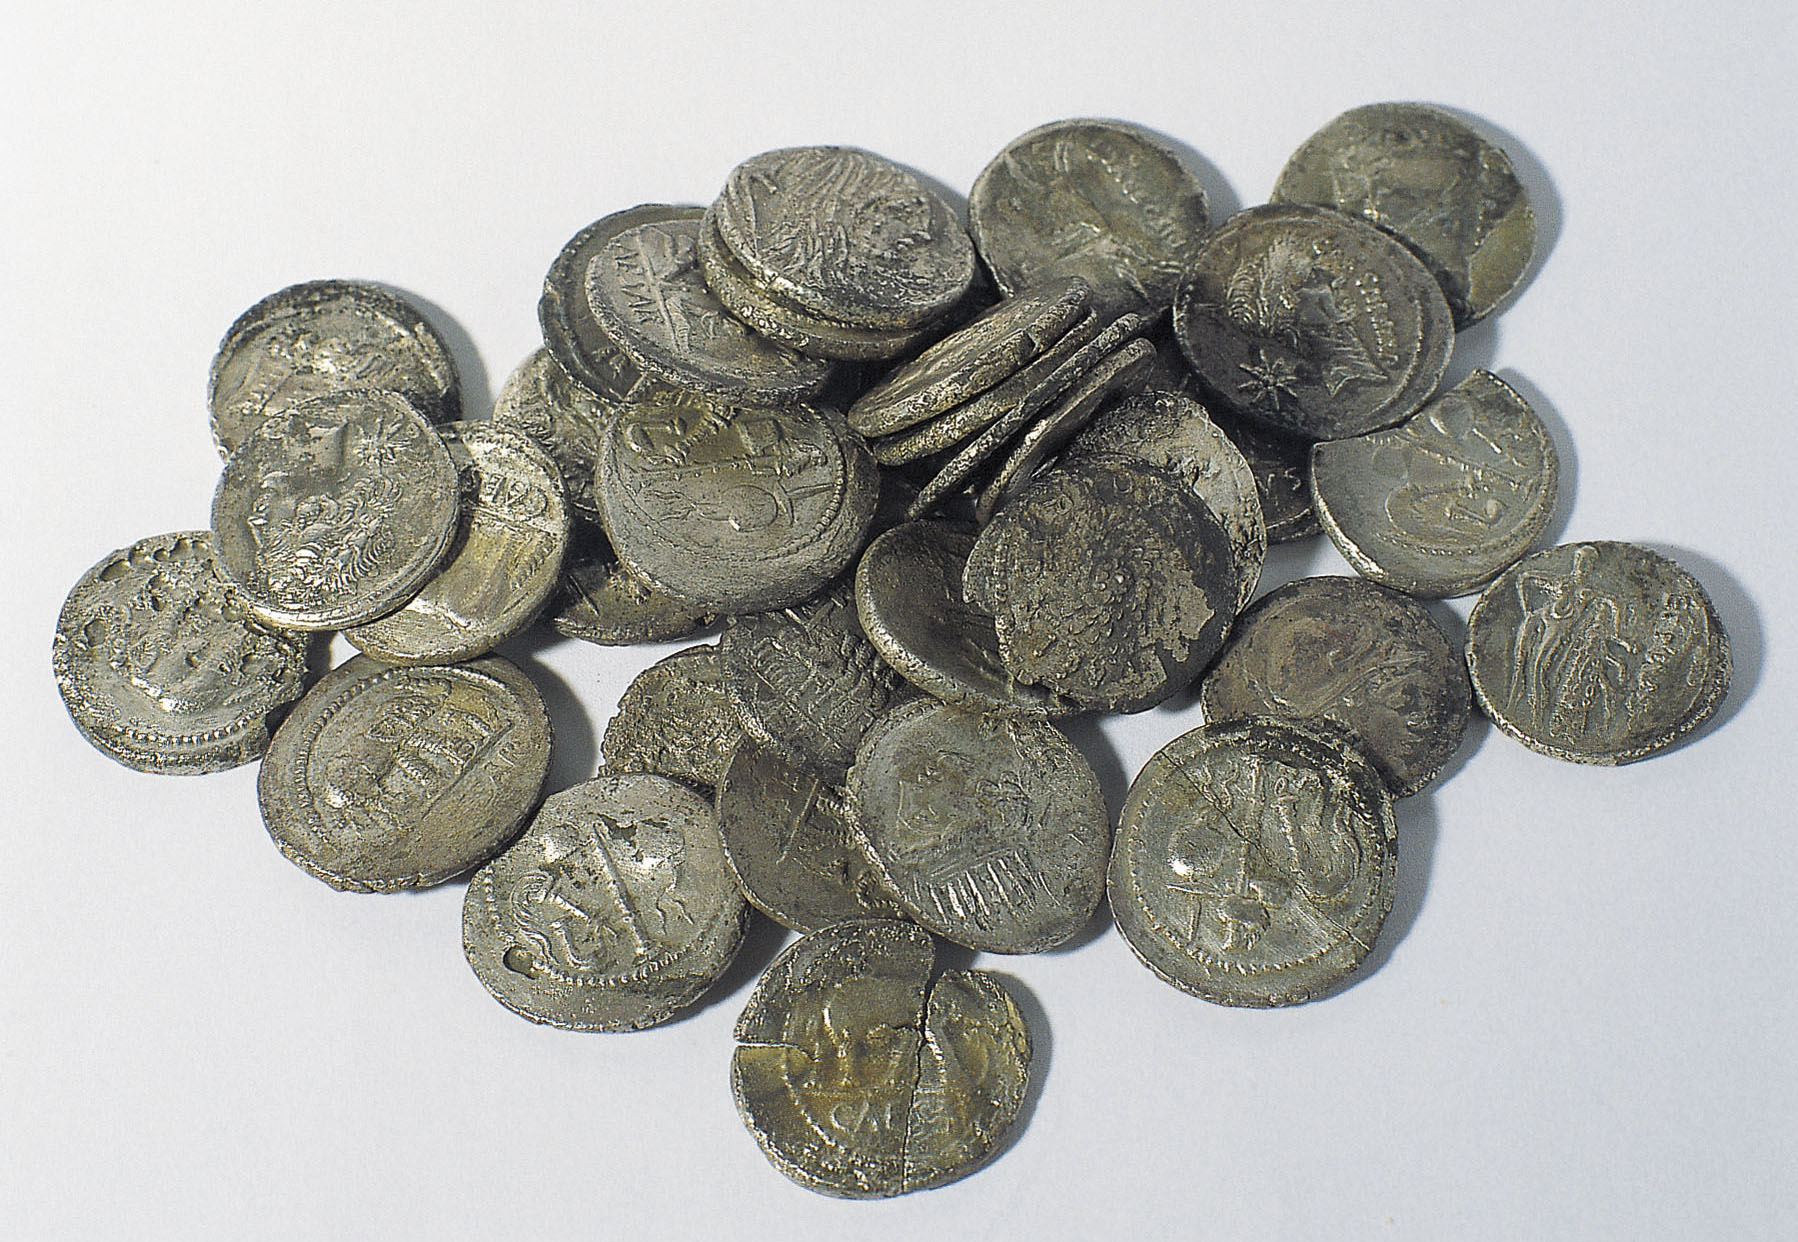 Diverses autoritats - Tresor de l'àgora d'Empúries - Poc després del 44 aC